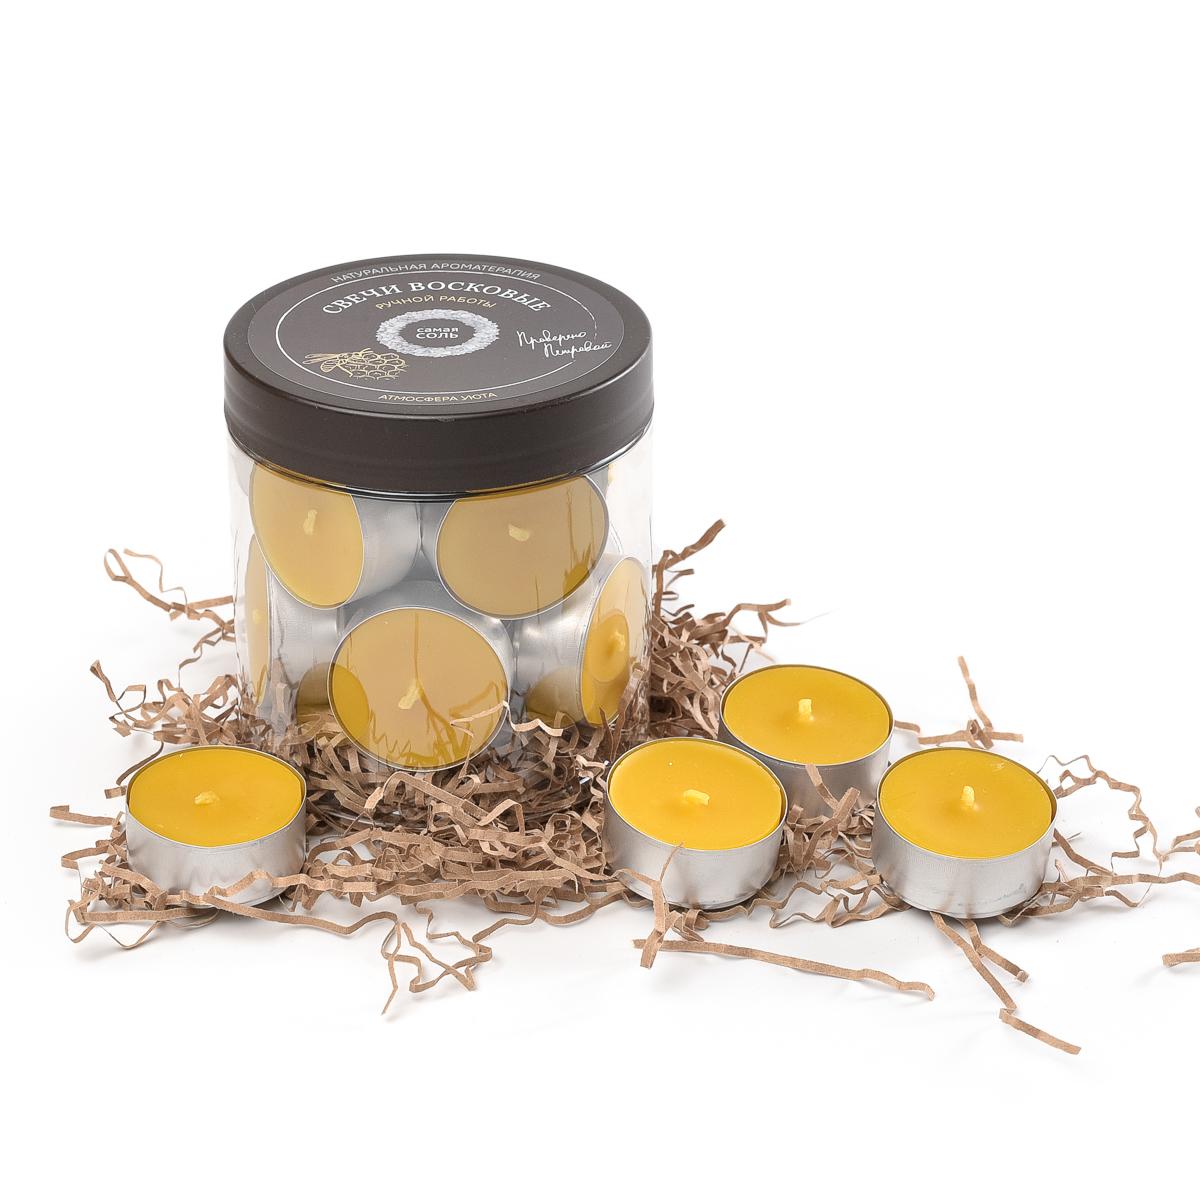 Свечи восковые для уюта и гармонии. 100% натуральный пчелиный воск с Алтая